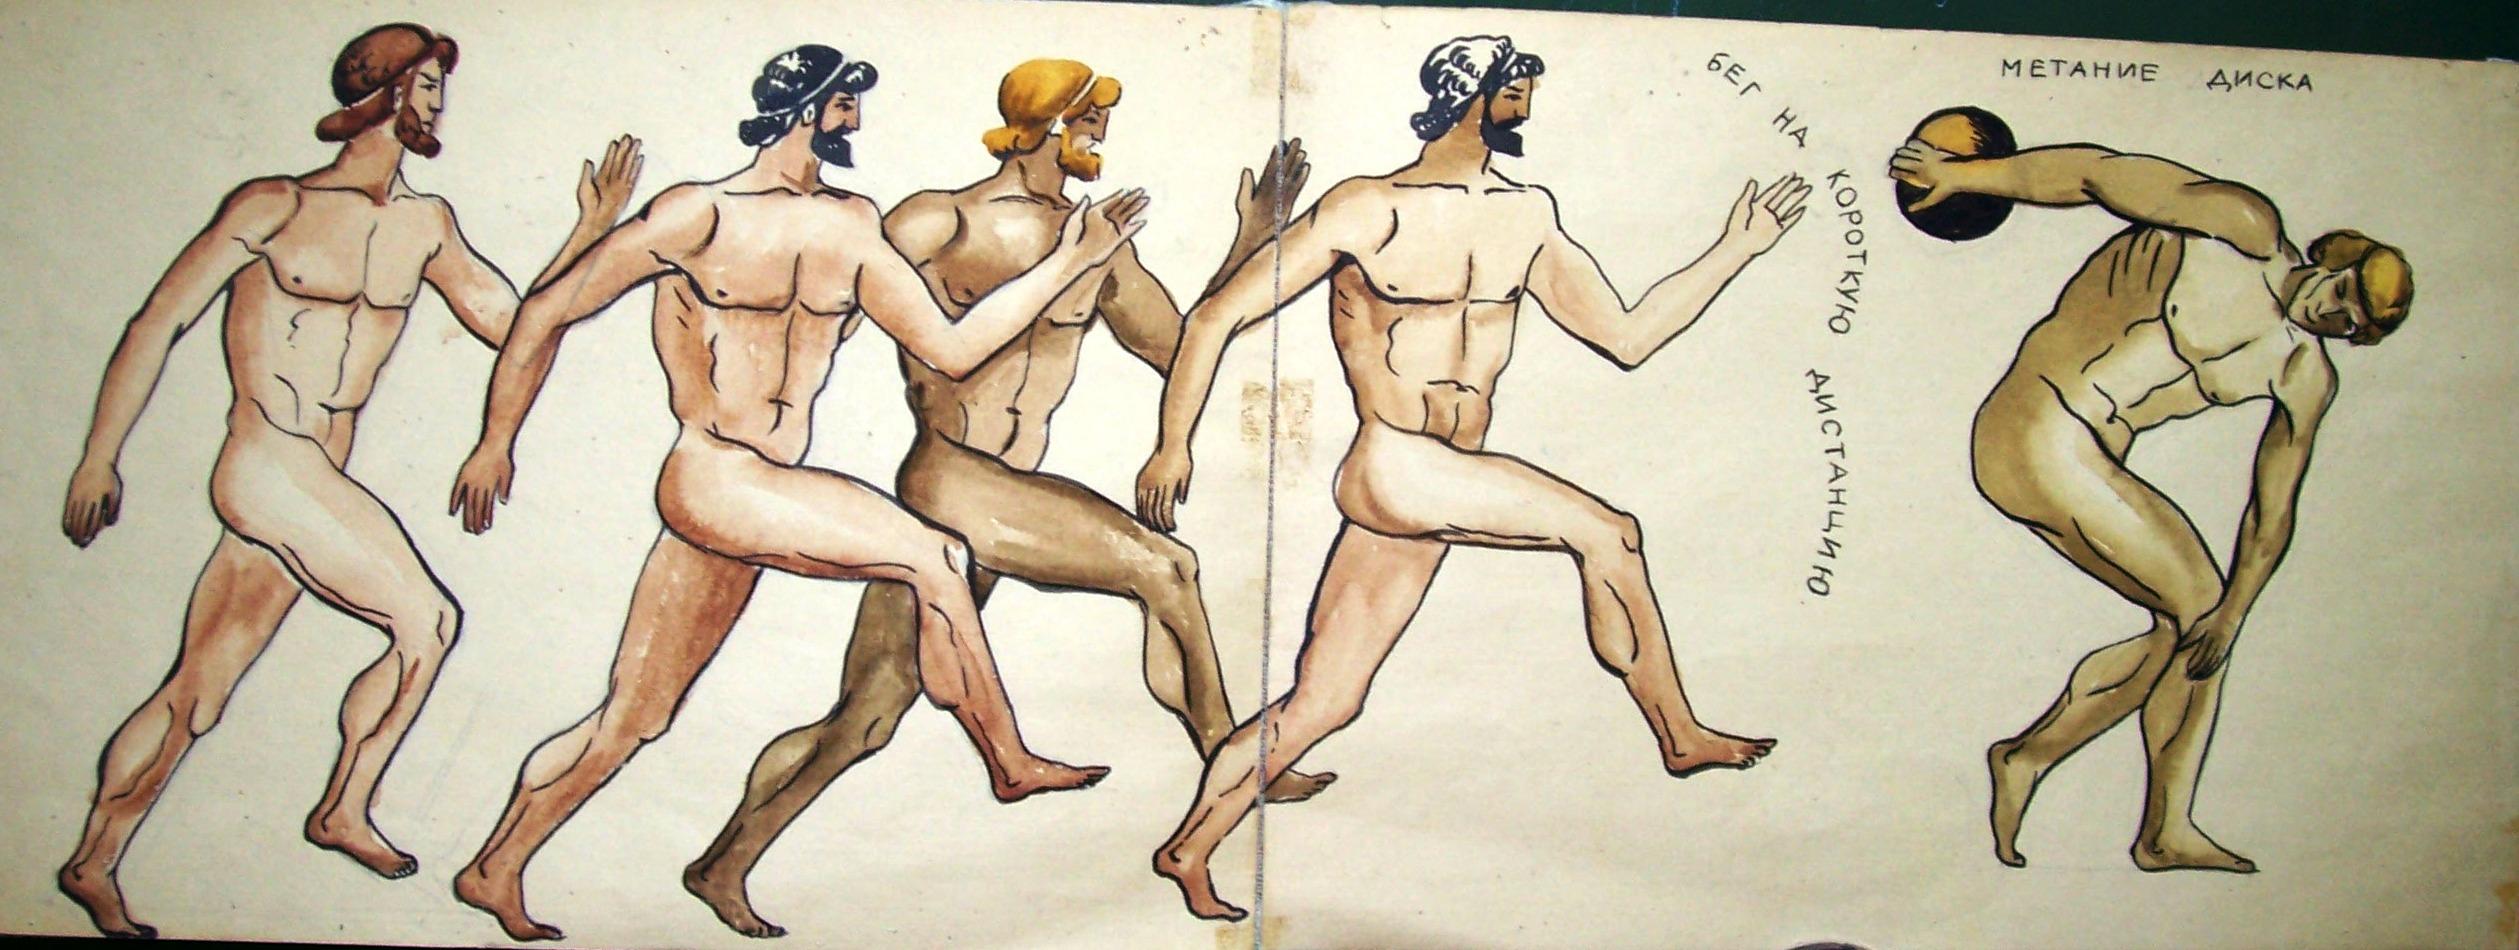 игры нарисовать олимпийские картинки